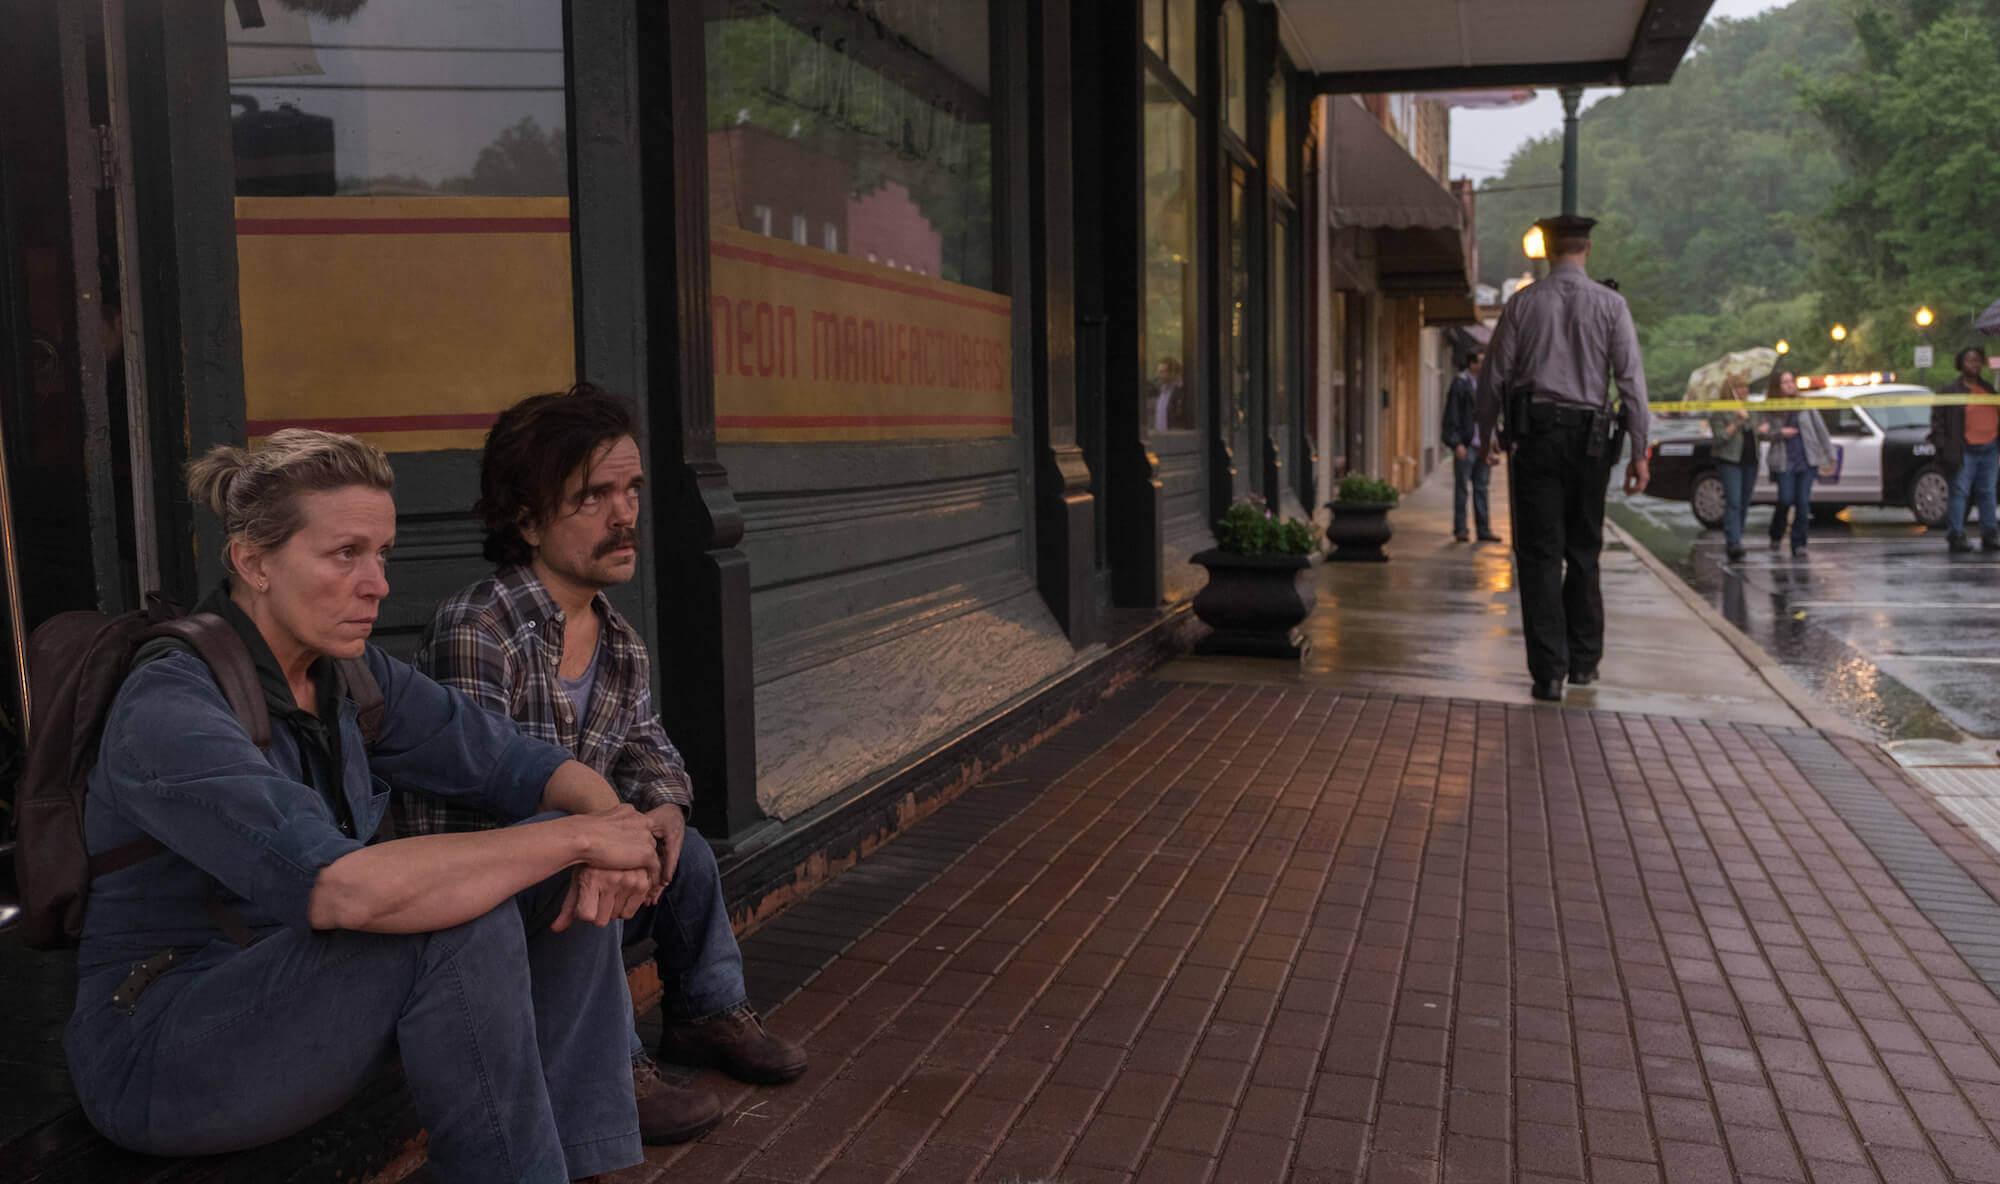 奧斯卡 最佳影片 得獎預測 意外